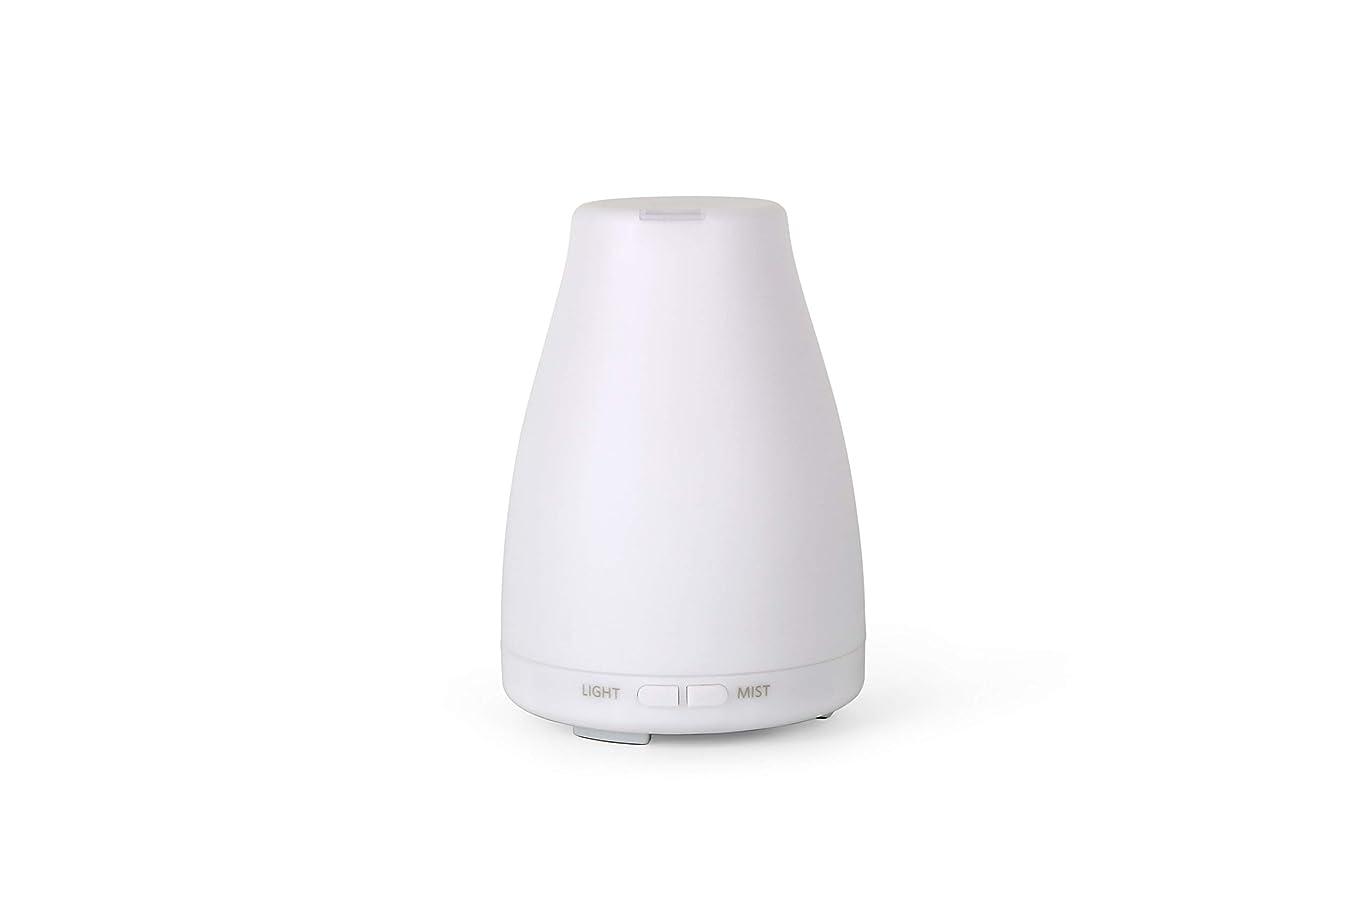 既に紳士洗剤アロマディフューザーGA101-W 加湿器 日本語取扱説明書 超音波式 7色LEDライト 空焚き防止